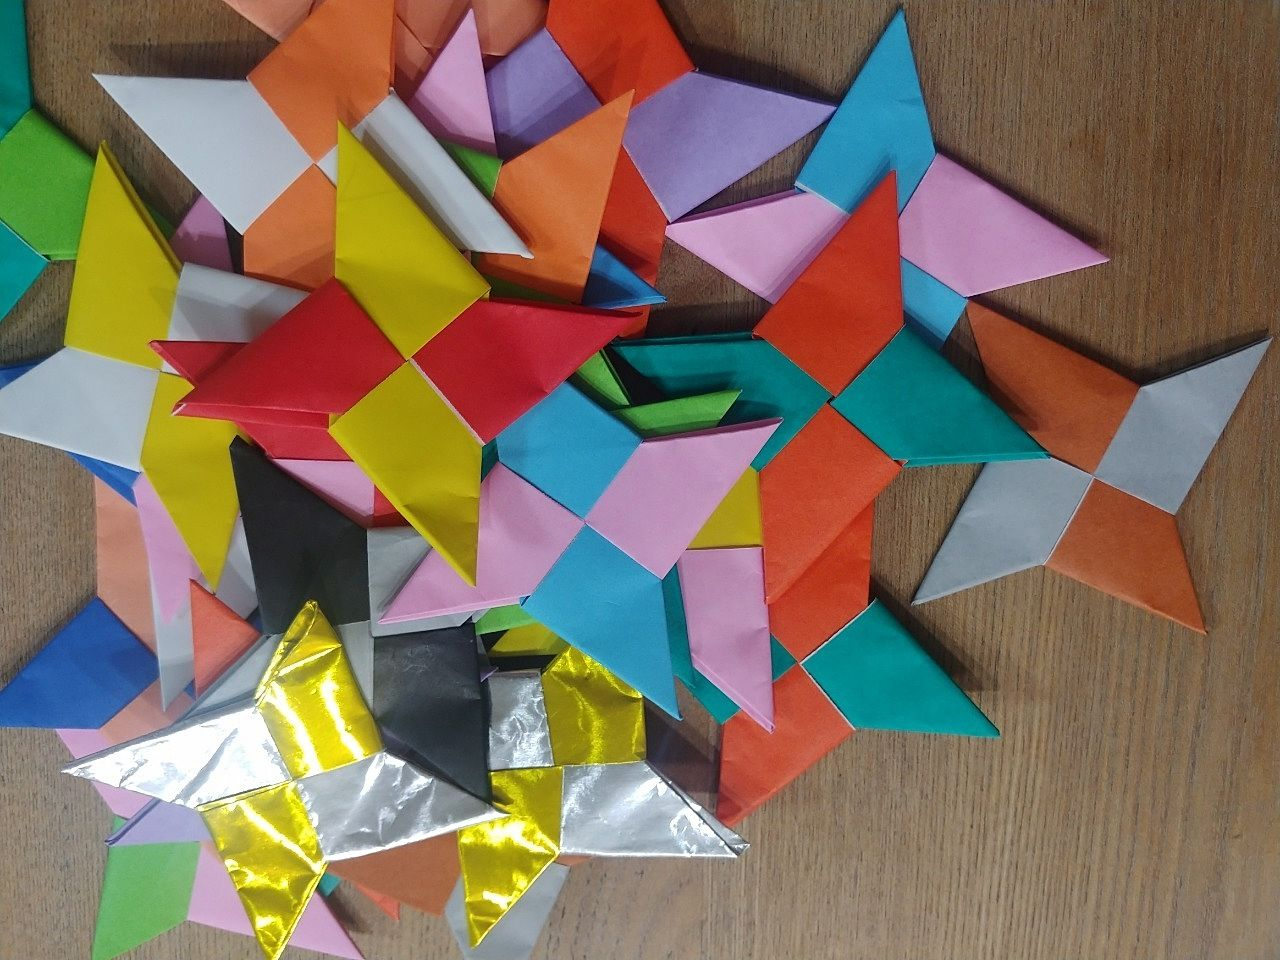 折り紙で作った手裏剣